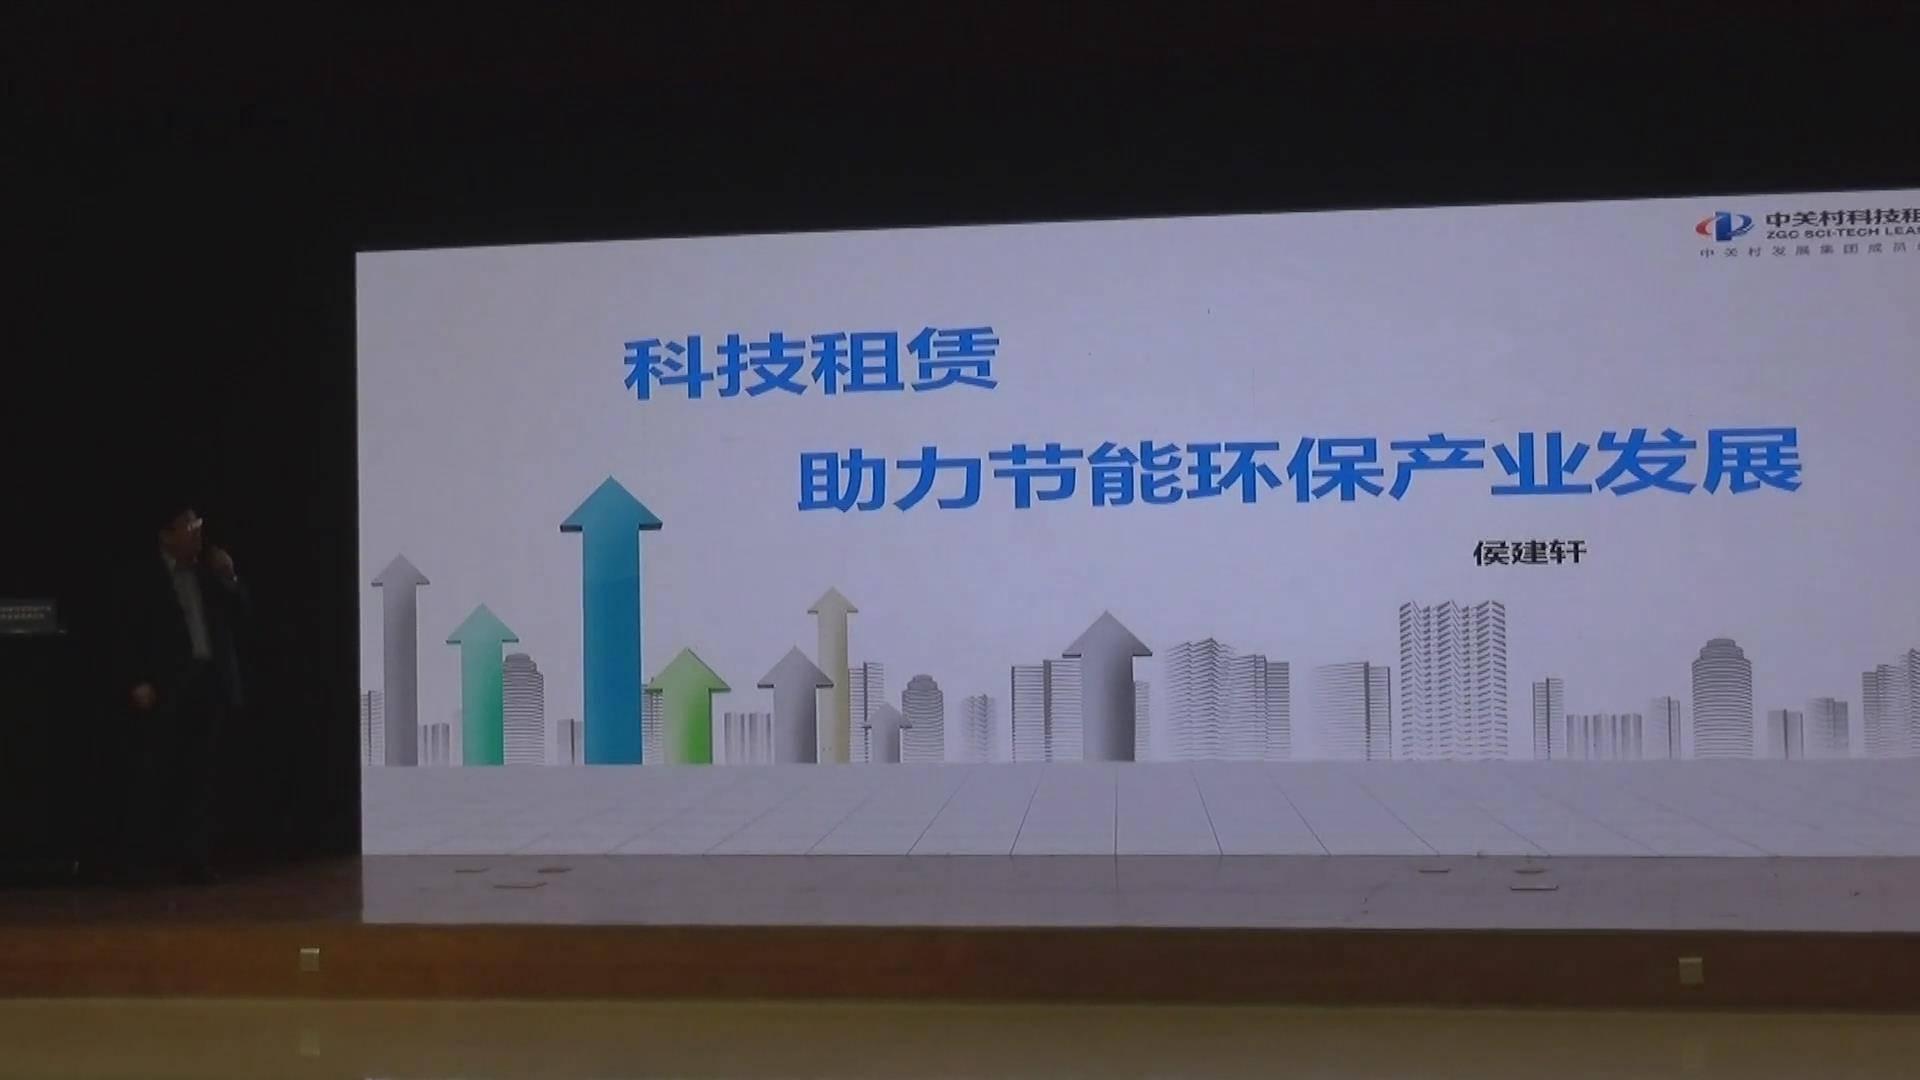 侯建轩:科技租赁助力节能环保产业发展